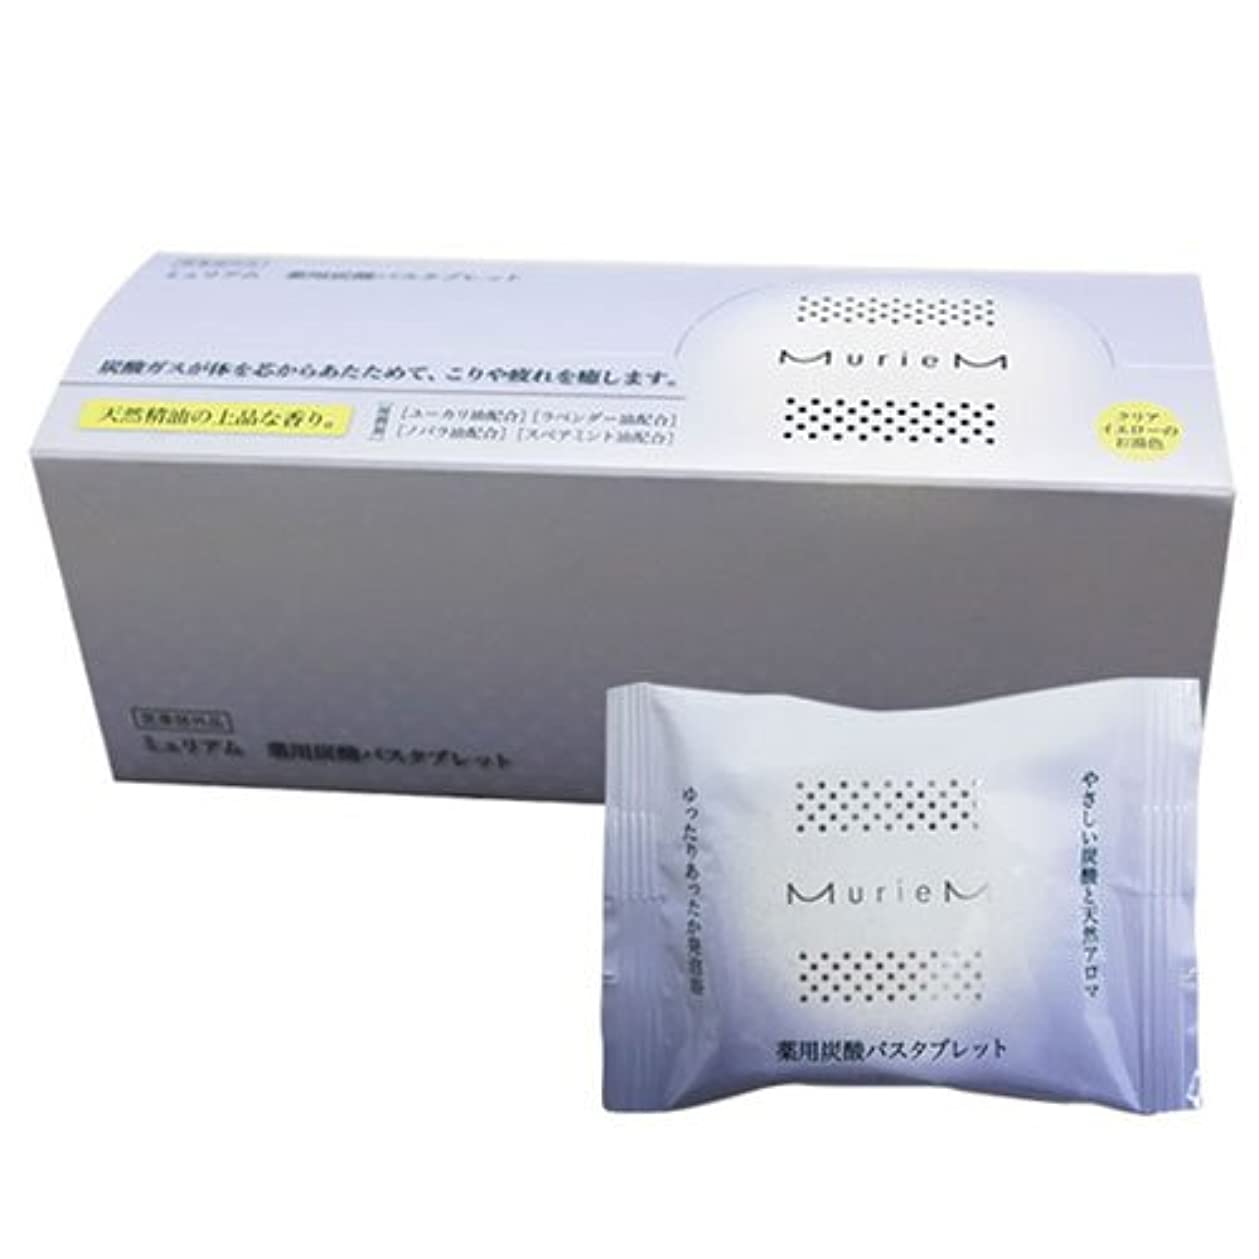 混乱させるカリキュラムホットナンバースリー ミュリアム 薬用炭酸バスタブレット 30g×10包 [医薬部外品]